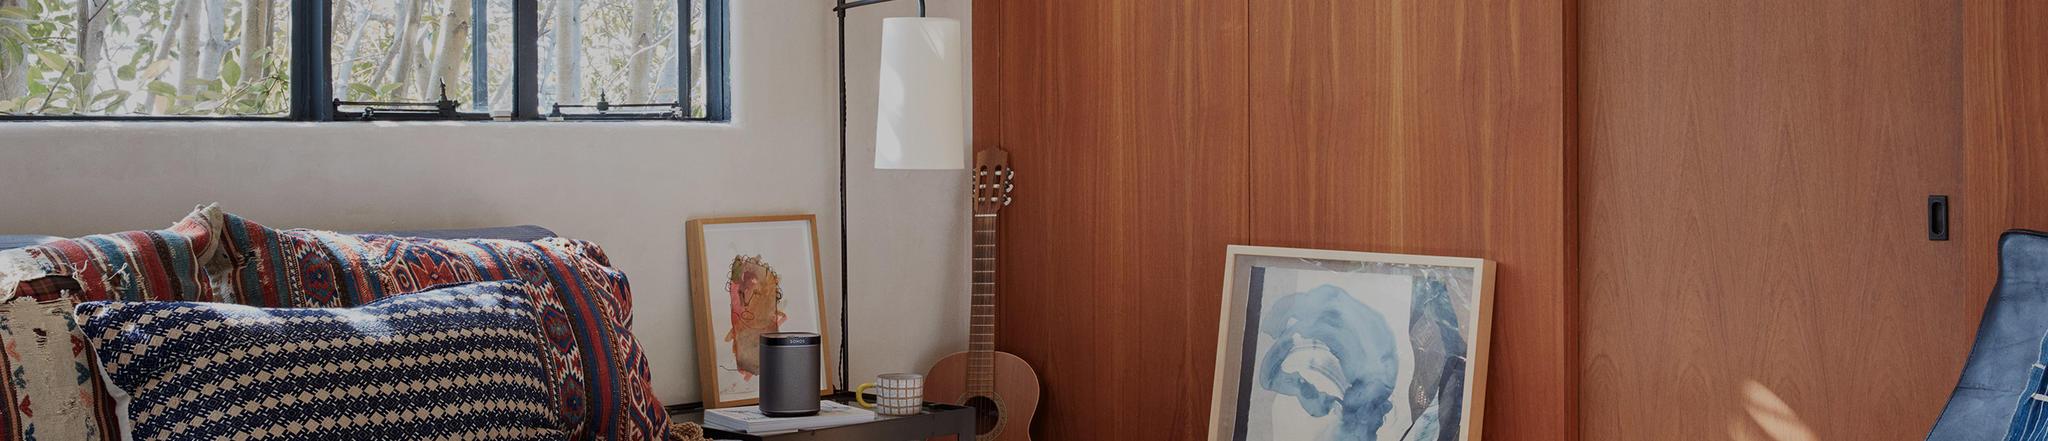 sonos play 1 geplaatst in slaapkamer naast bed als wekker